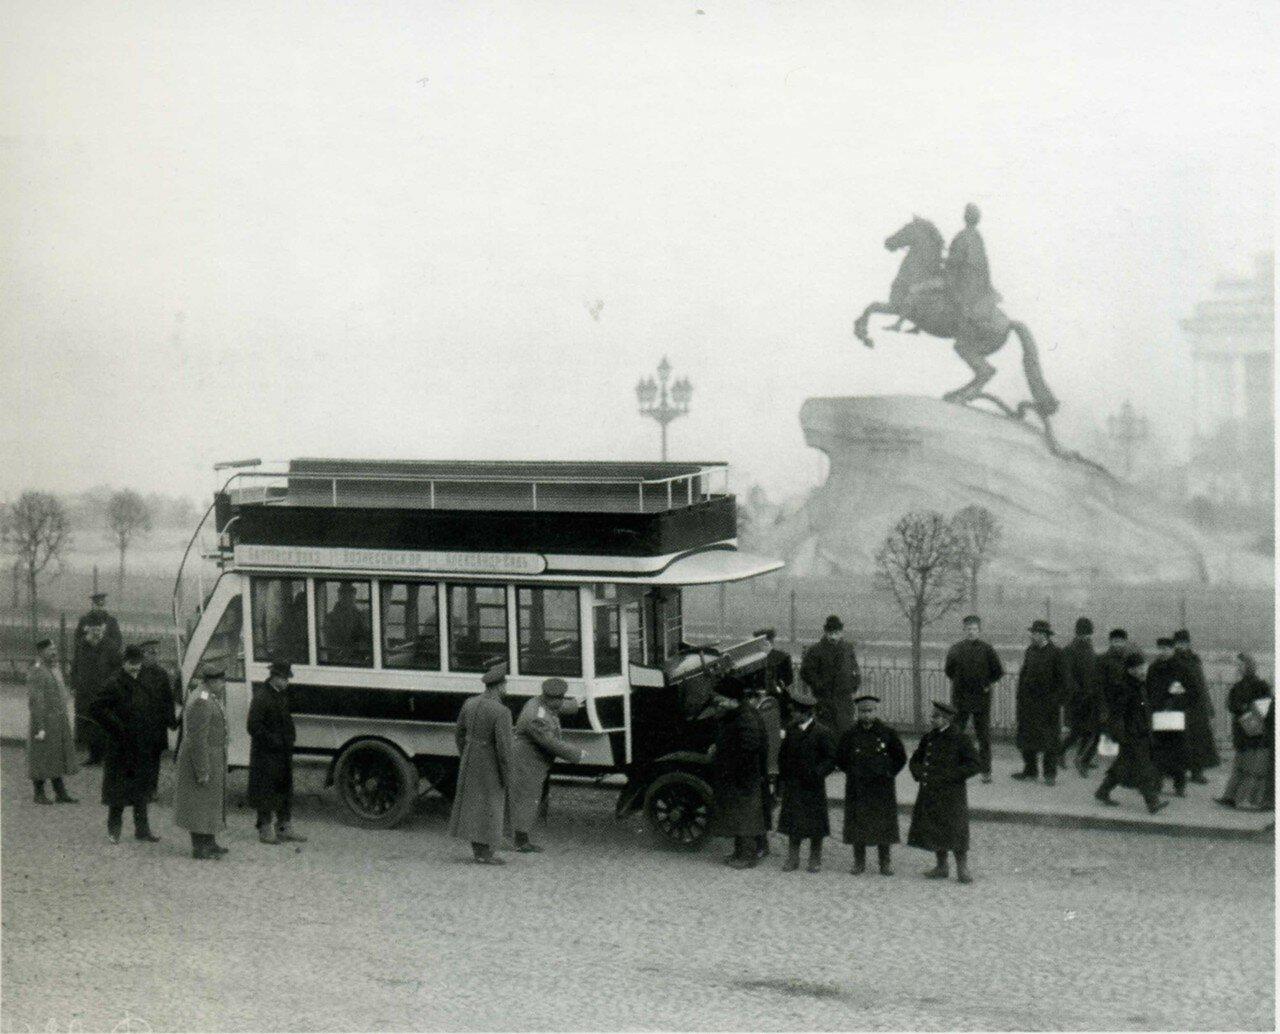 Двухъярусный автобус на площади Петра Первого, перед Медным всадником